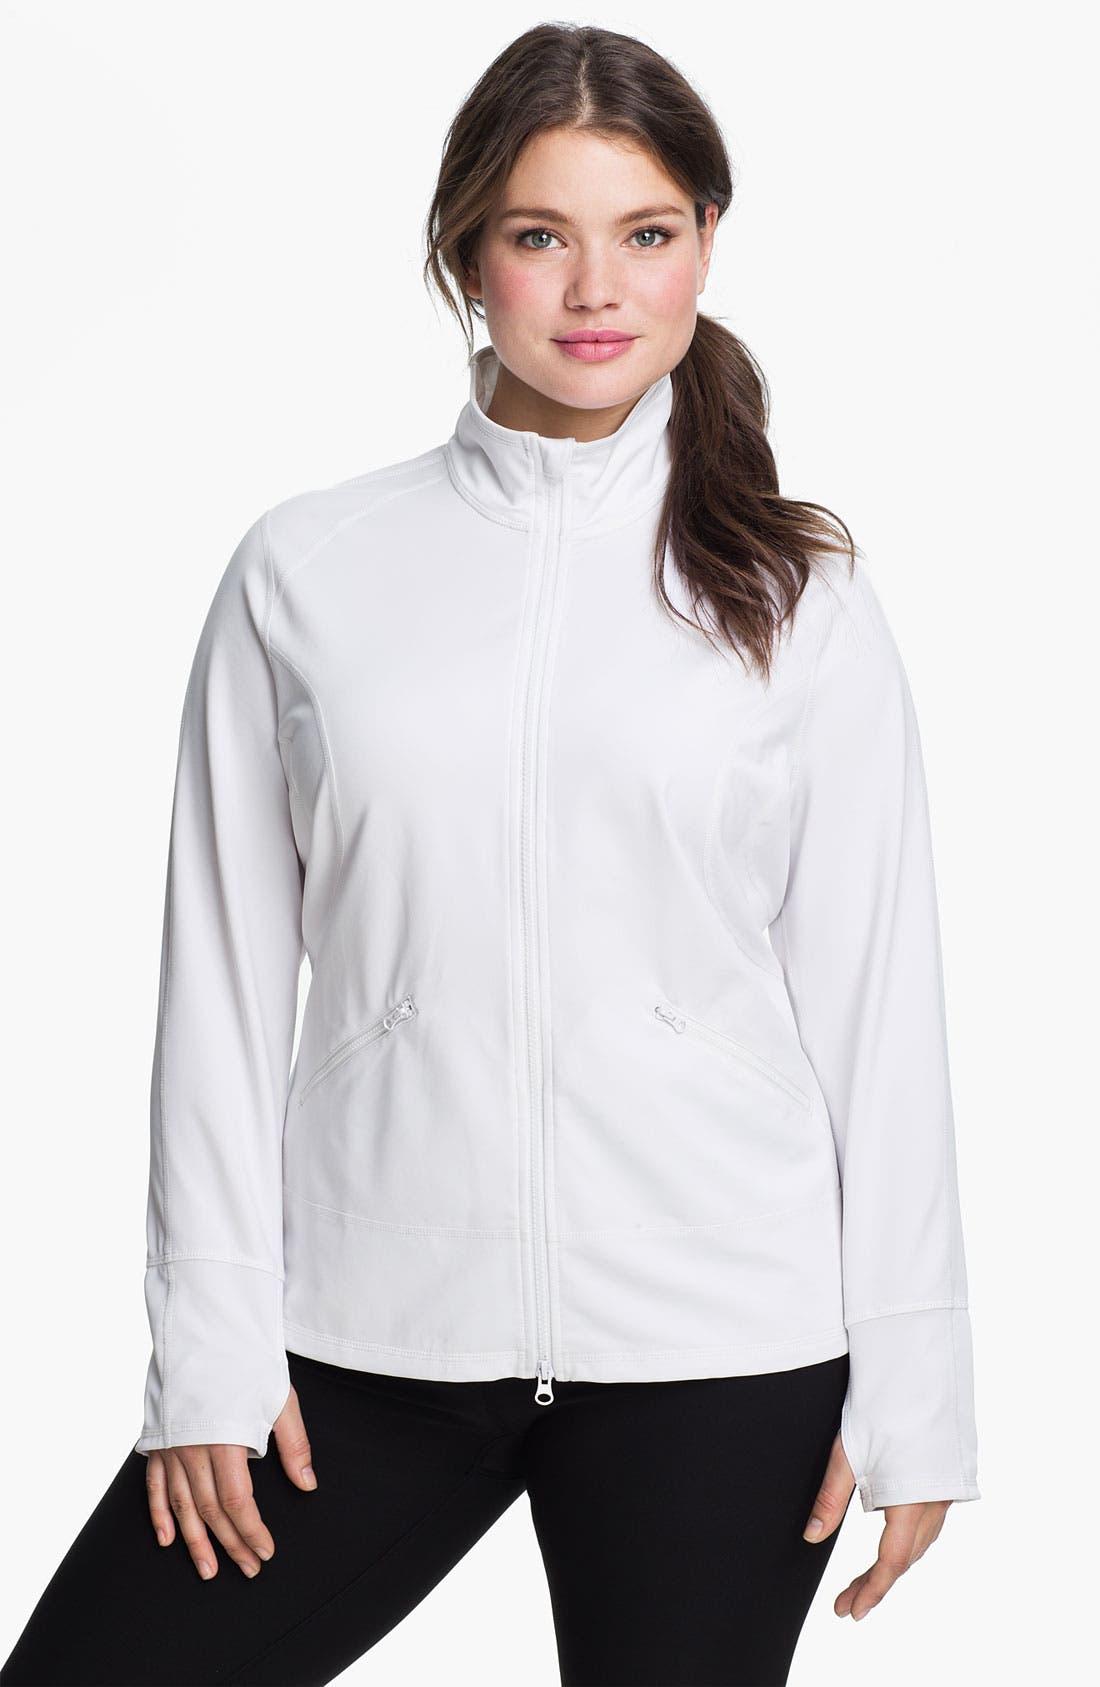 Alternate Image 1 Selected - Zella 'Streamline' Jacket (Plus Size)